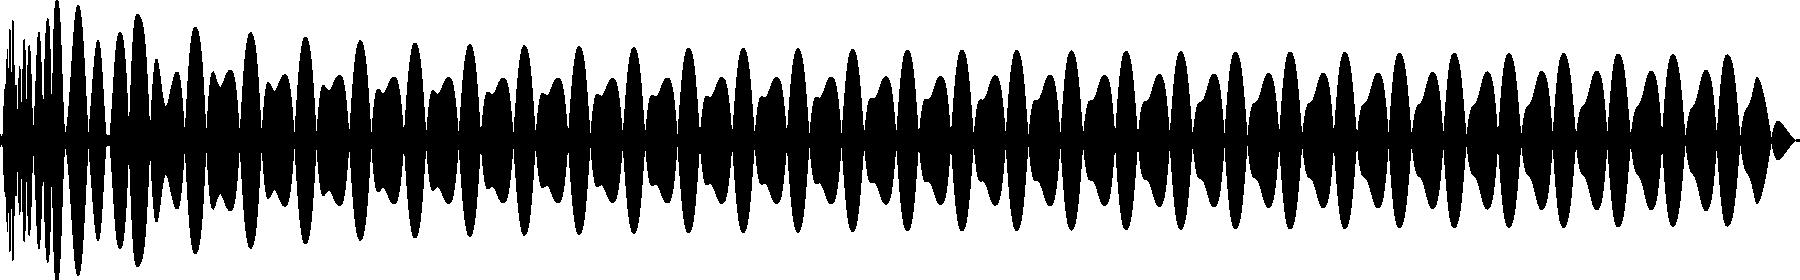 vedh bass cut 028 b